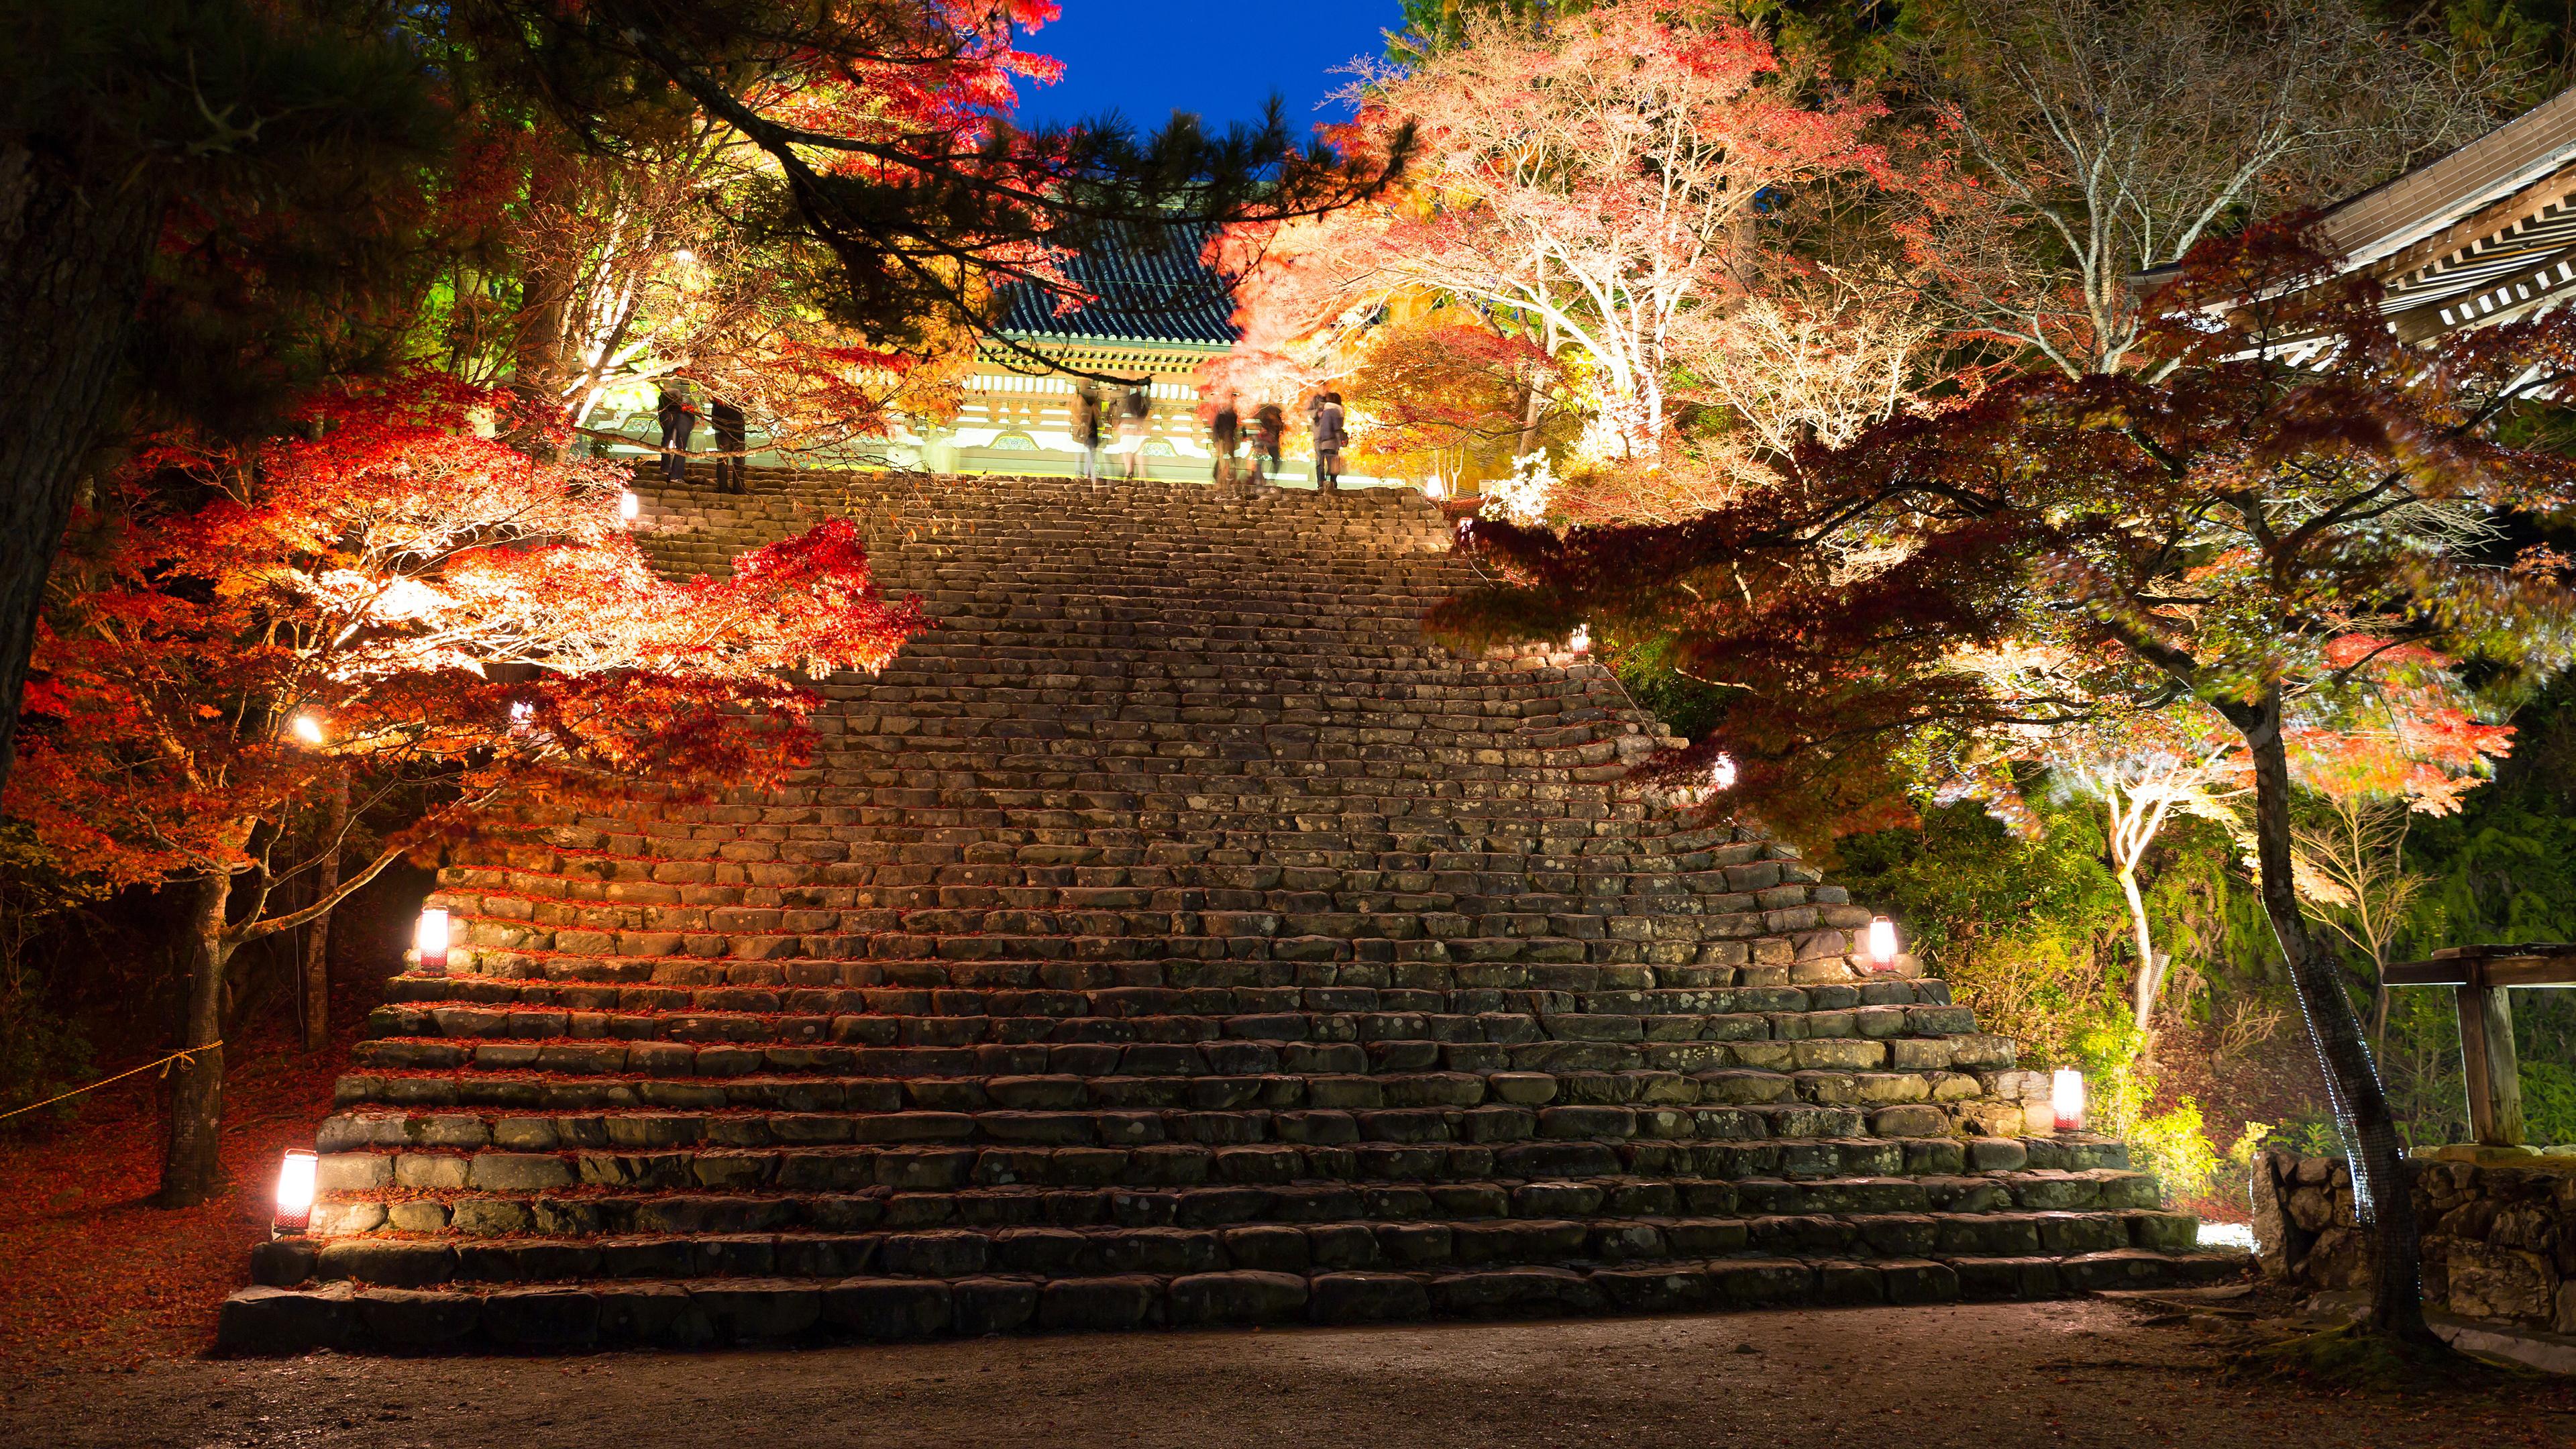 2012年に撮影した紅葉の京都壁紙その3です。